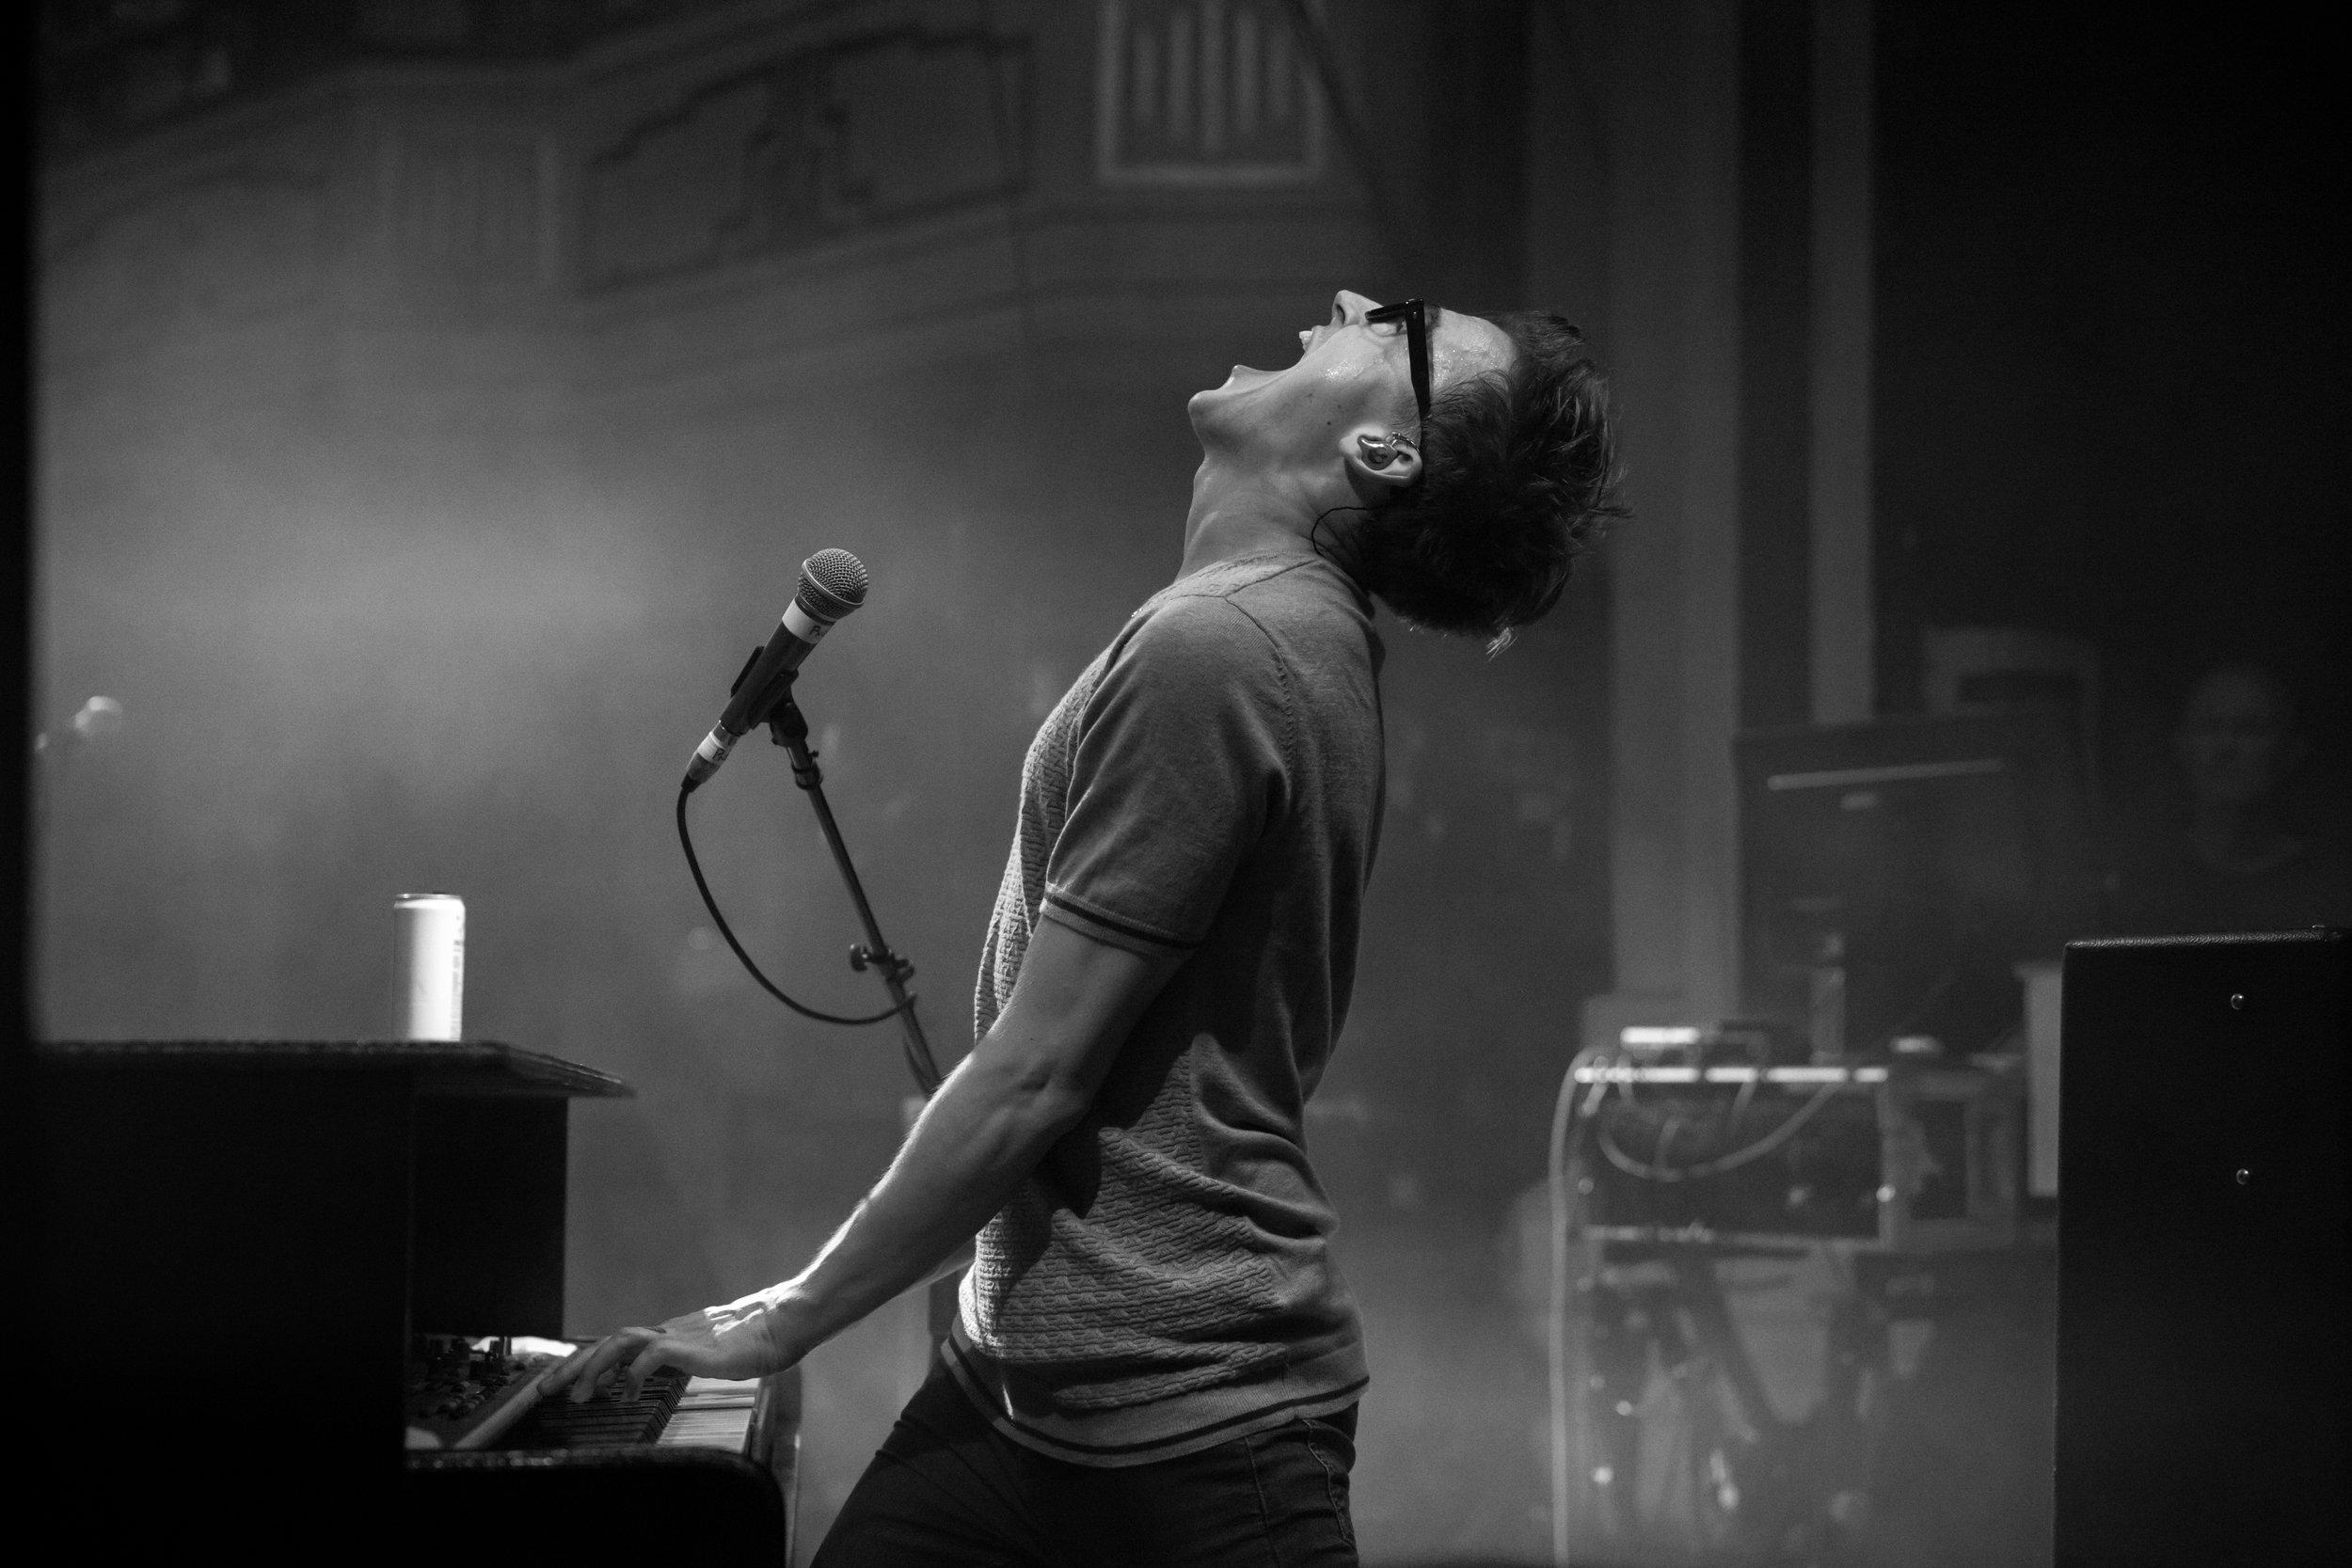 tom+playing+piano+standing.jpg